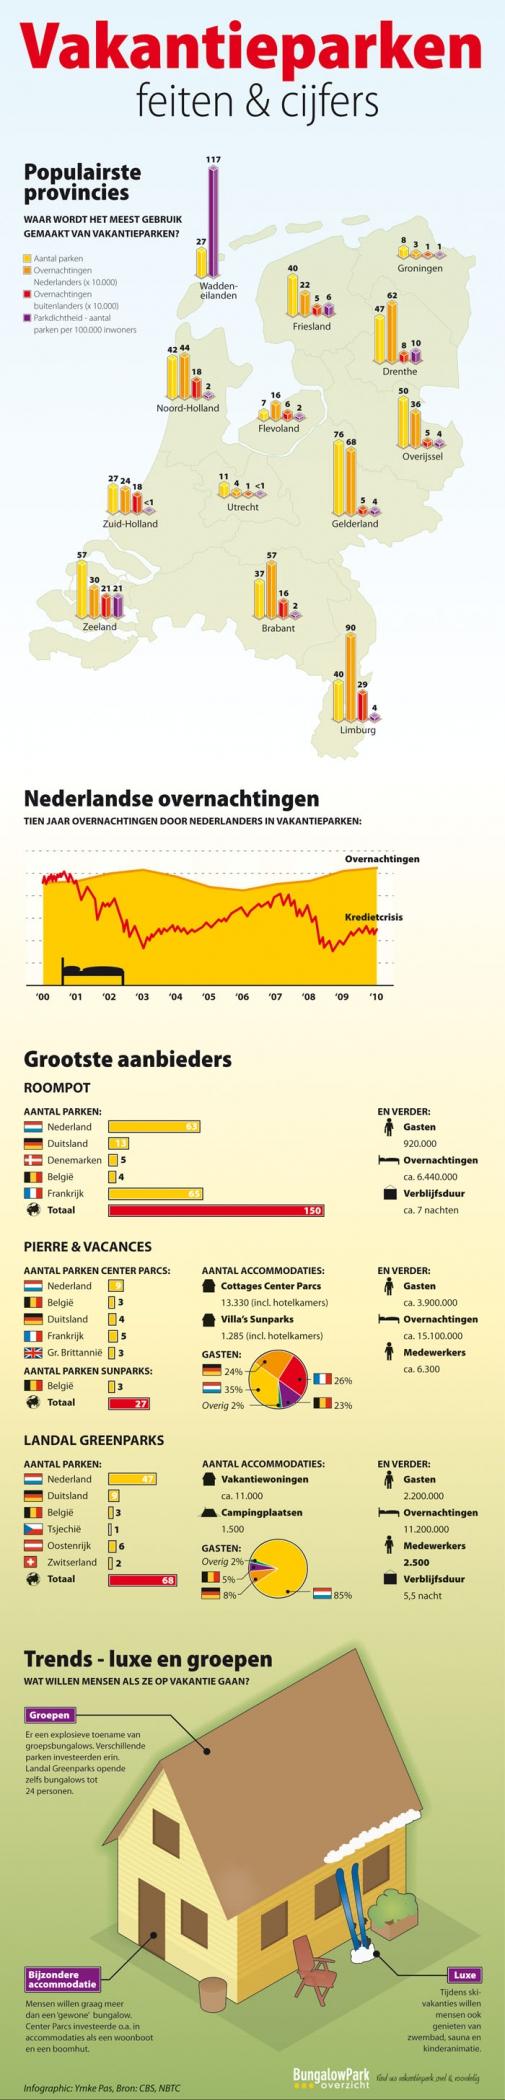 vakantieparken-infographic.jpg